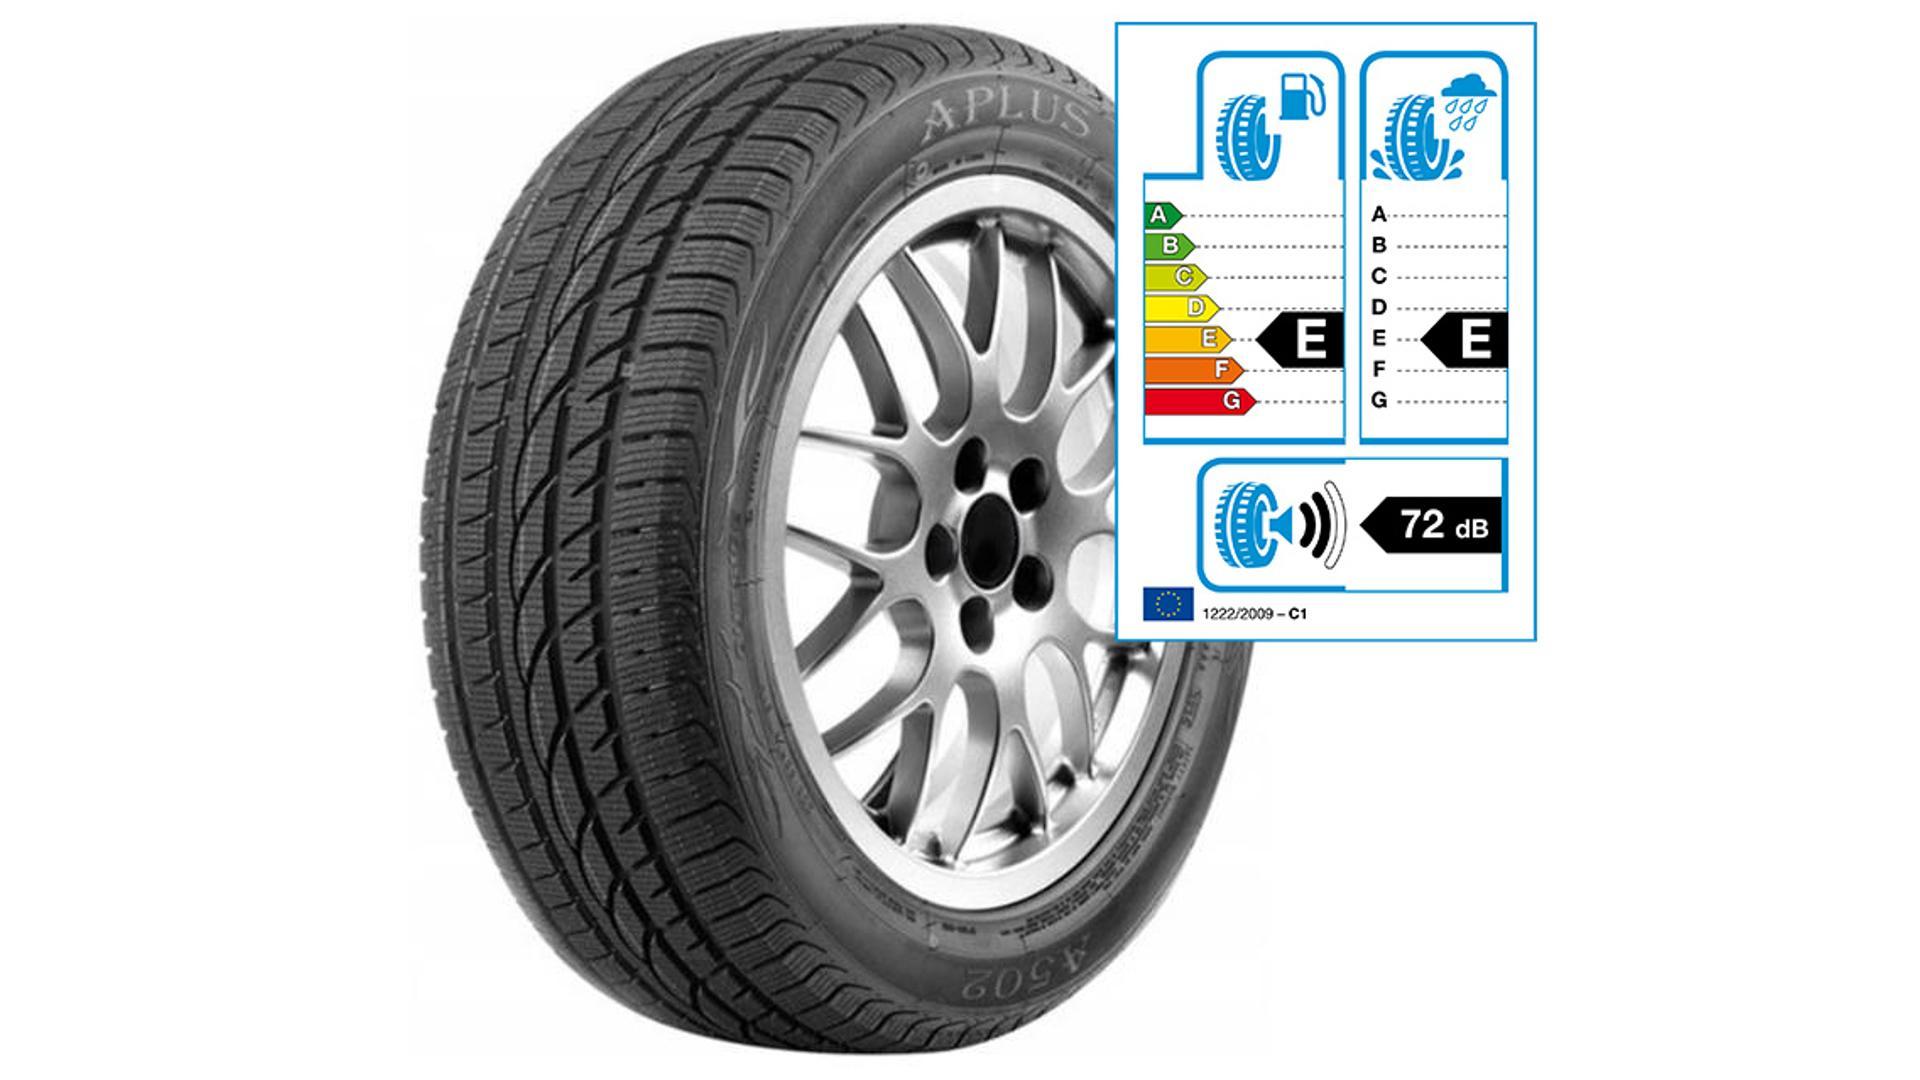 A502 Zimná pneumatika 195/60R15 88H